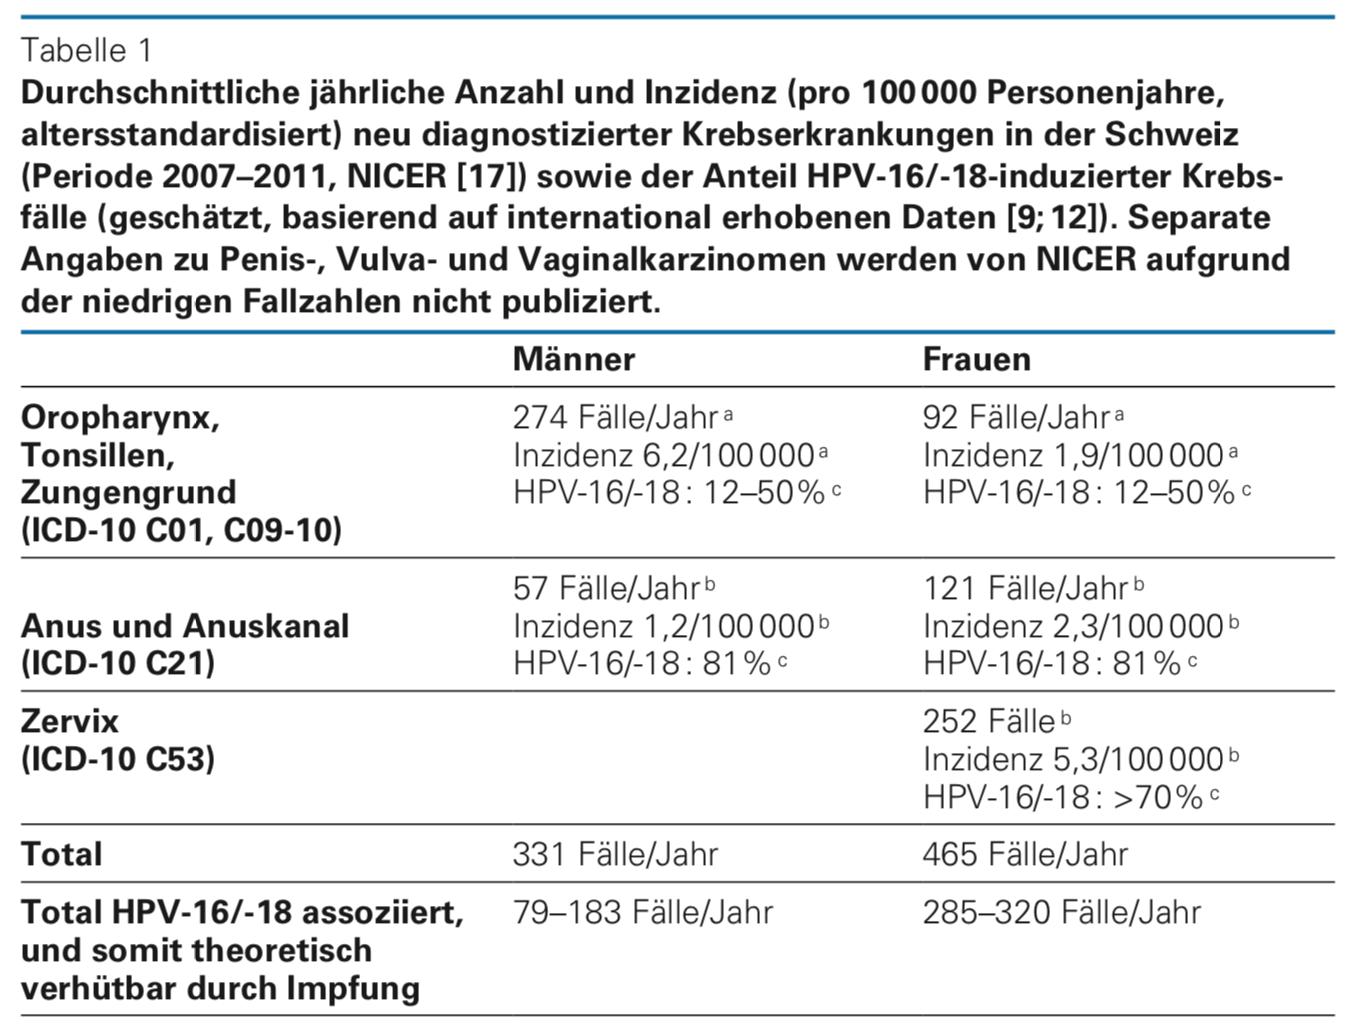 hpv impfung sinnvoll detox, plus colonul curăță ingredientele cu capsule